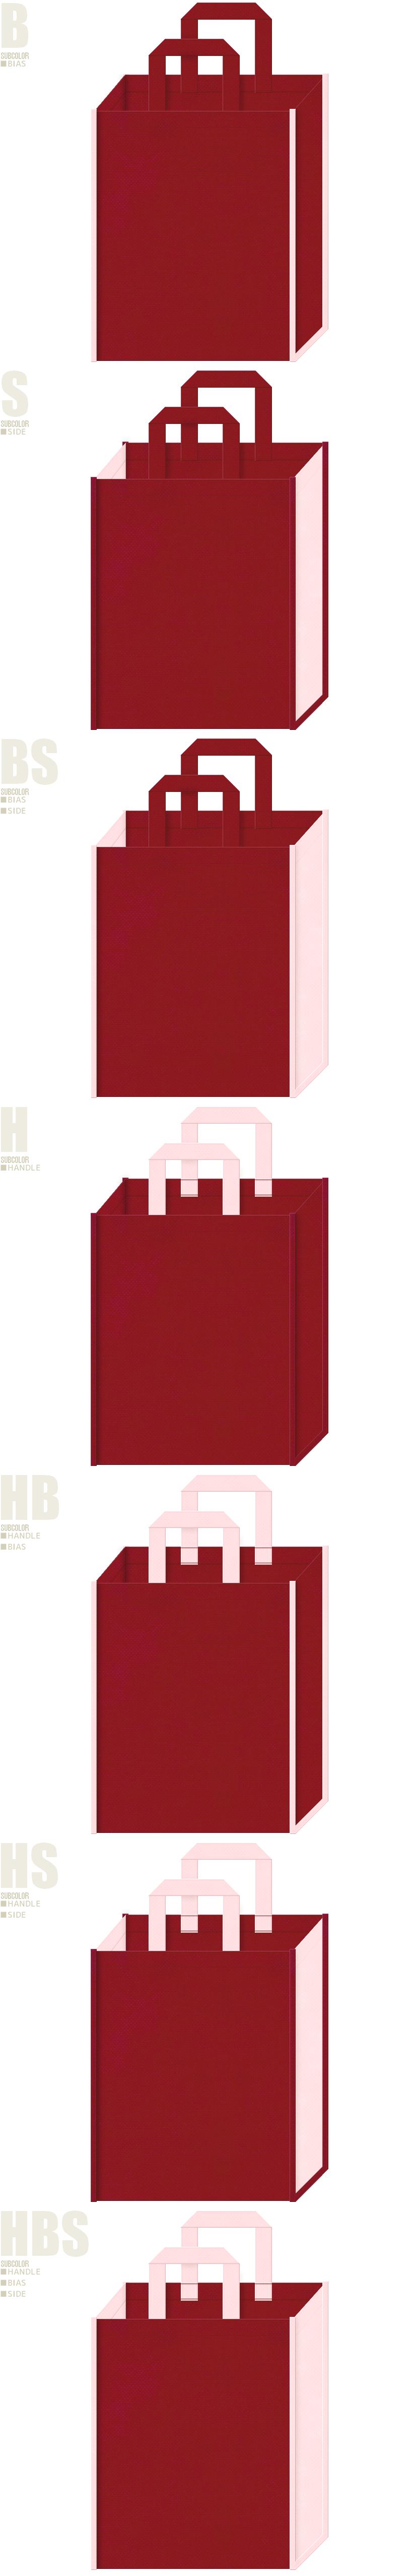 着物・振袖・お正月・成人式・ひな祭り・学校・写真館・和風催事の記念品にお奨めの不織布バッグデザイン:エンジ色と桜色の配色7パターン